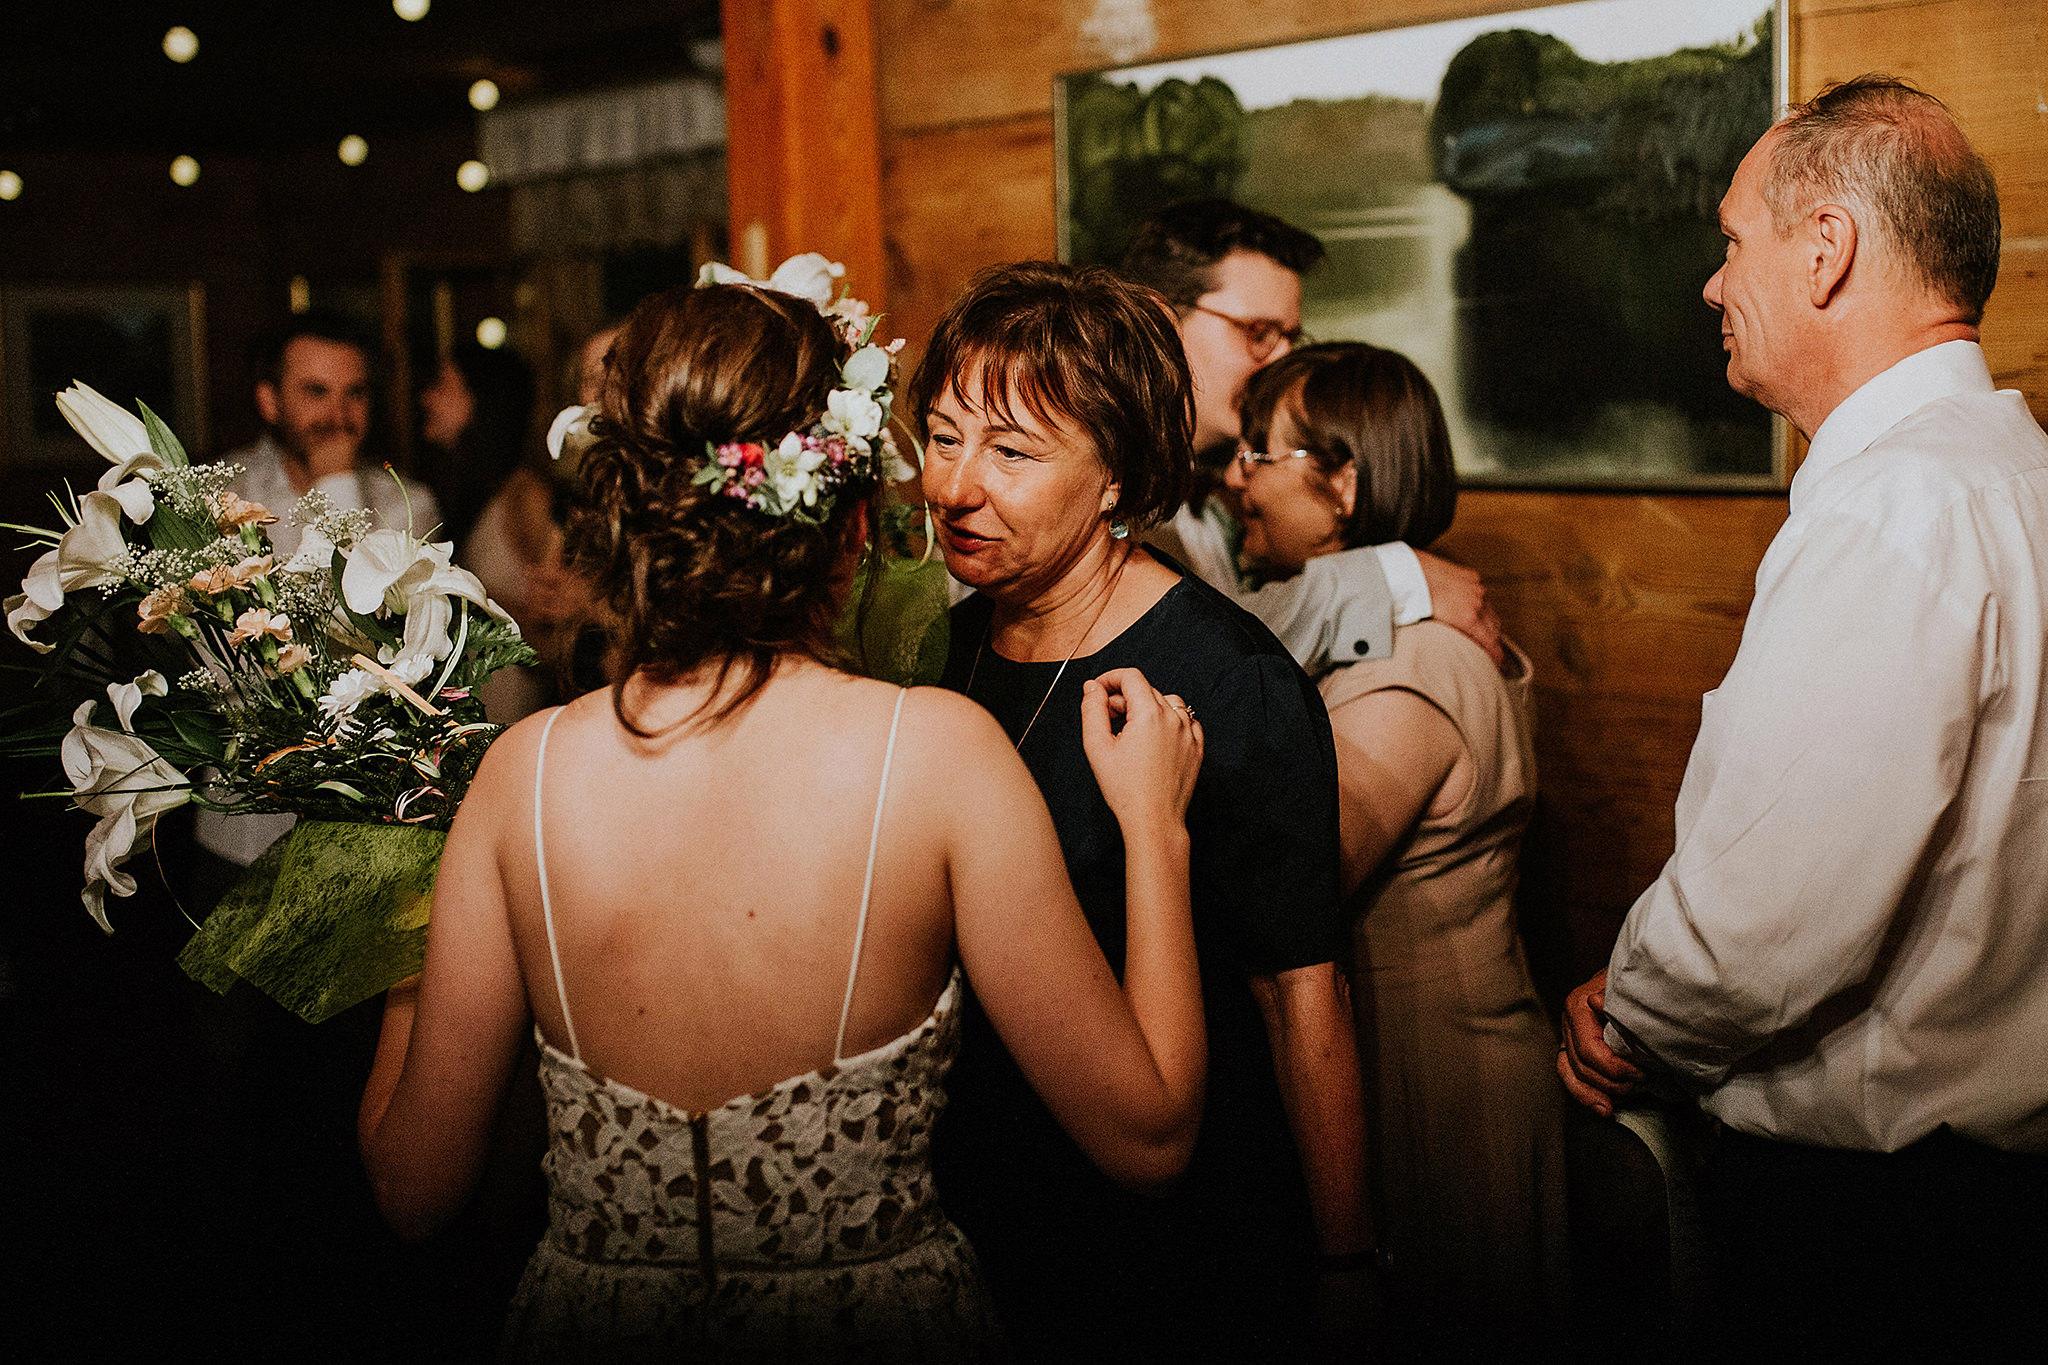 zosiajan fotograf Karol Nycz Photography www.karolnycz.com 386